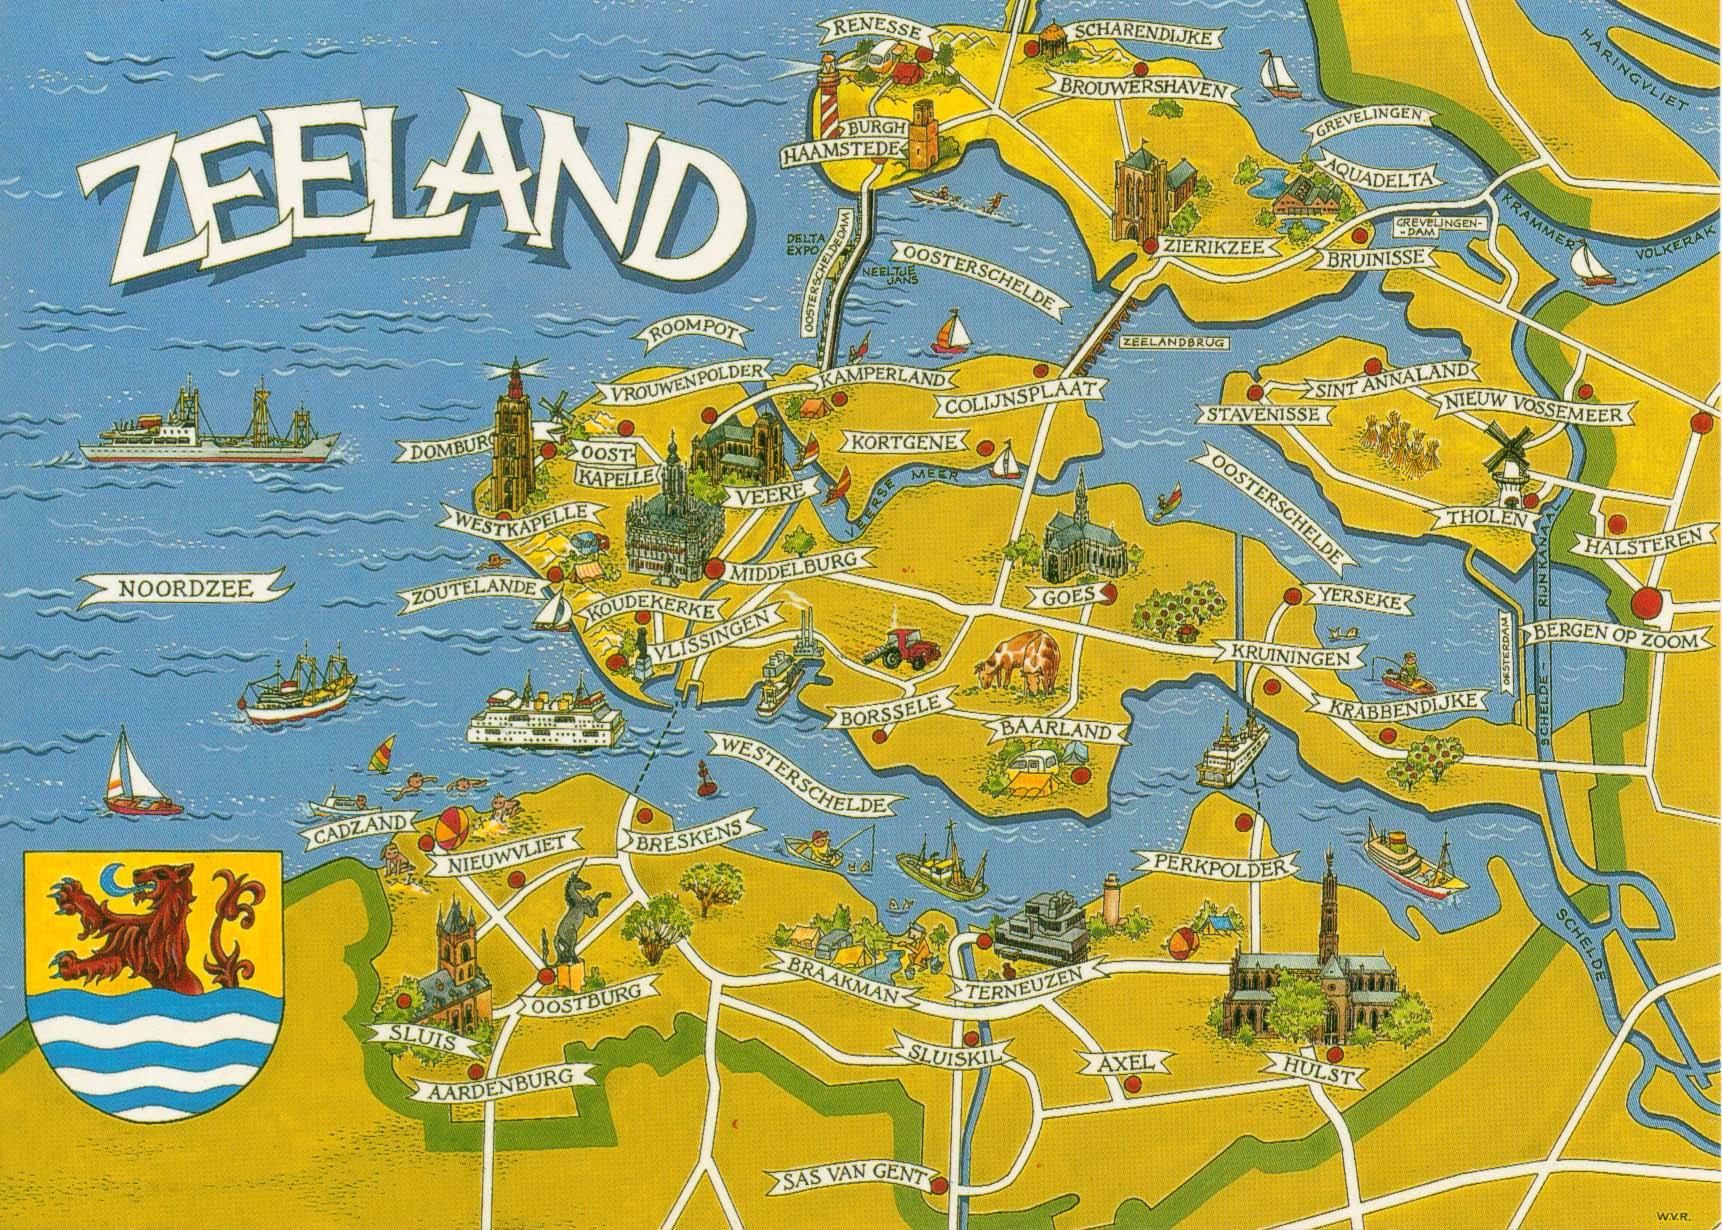 google mapquest with Wm89kk Zeeland on 92232943 additionally P besides opennms also Liens rapides in addition Freigericht Humprechtshausen.